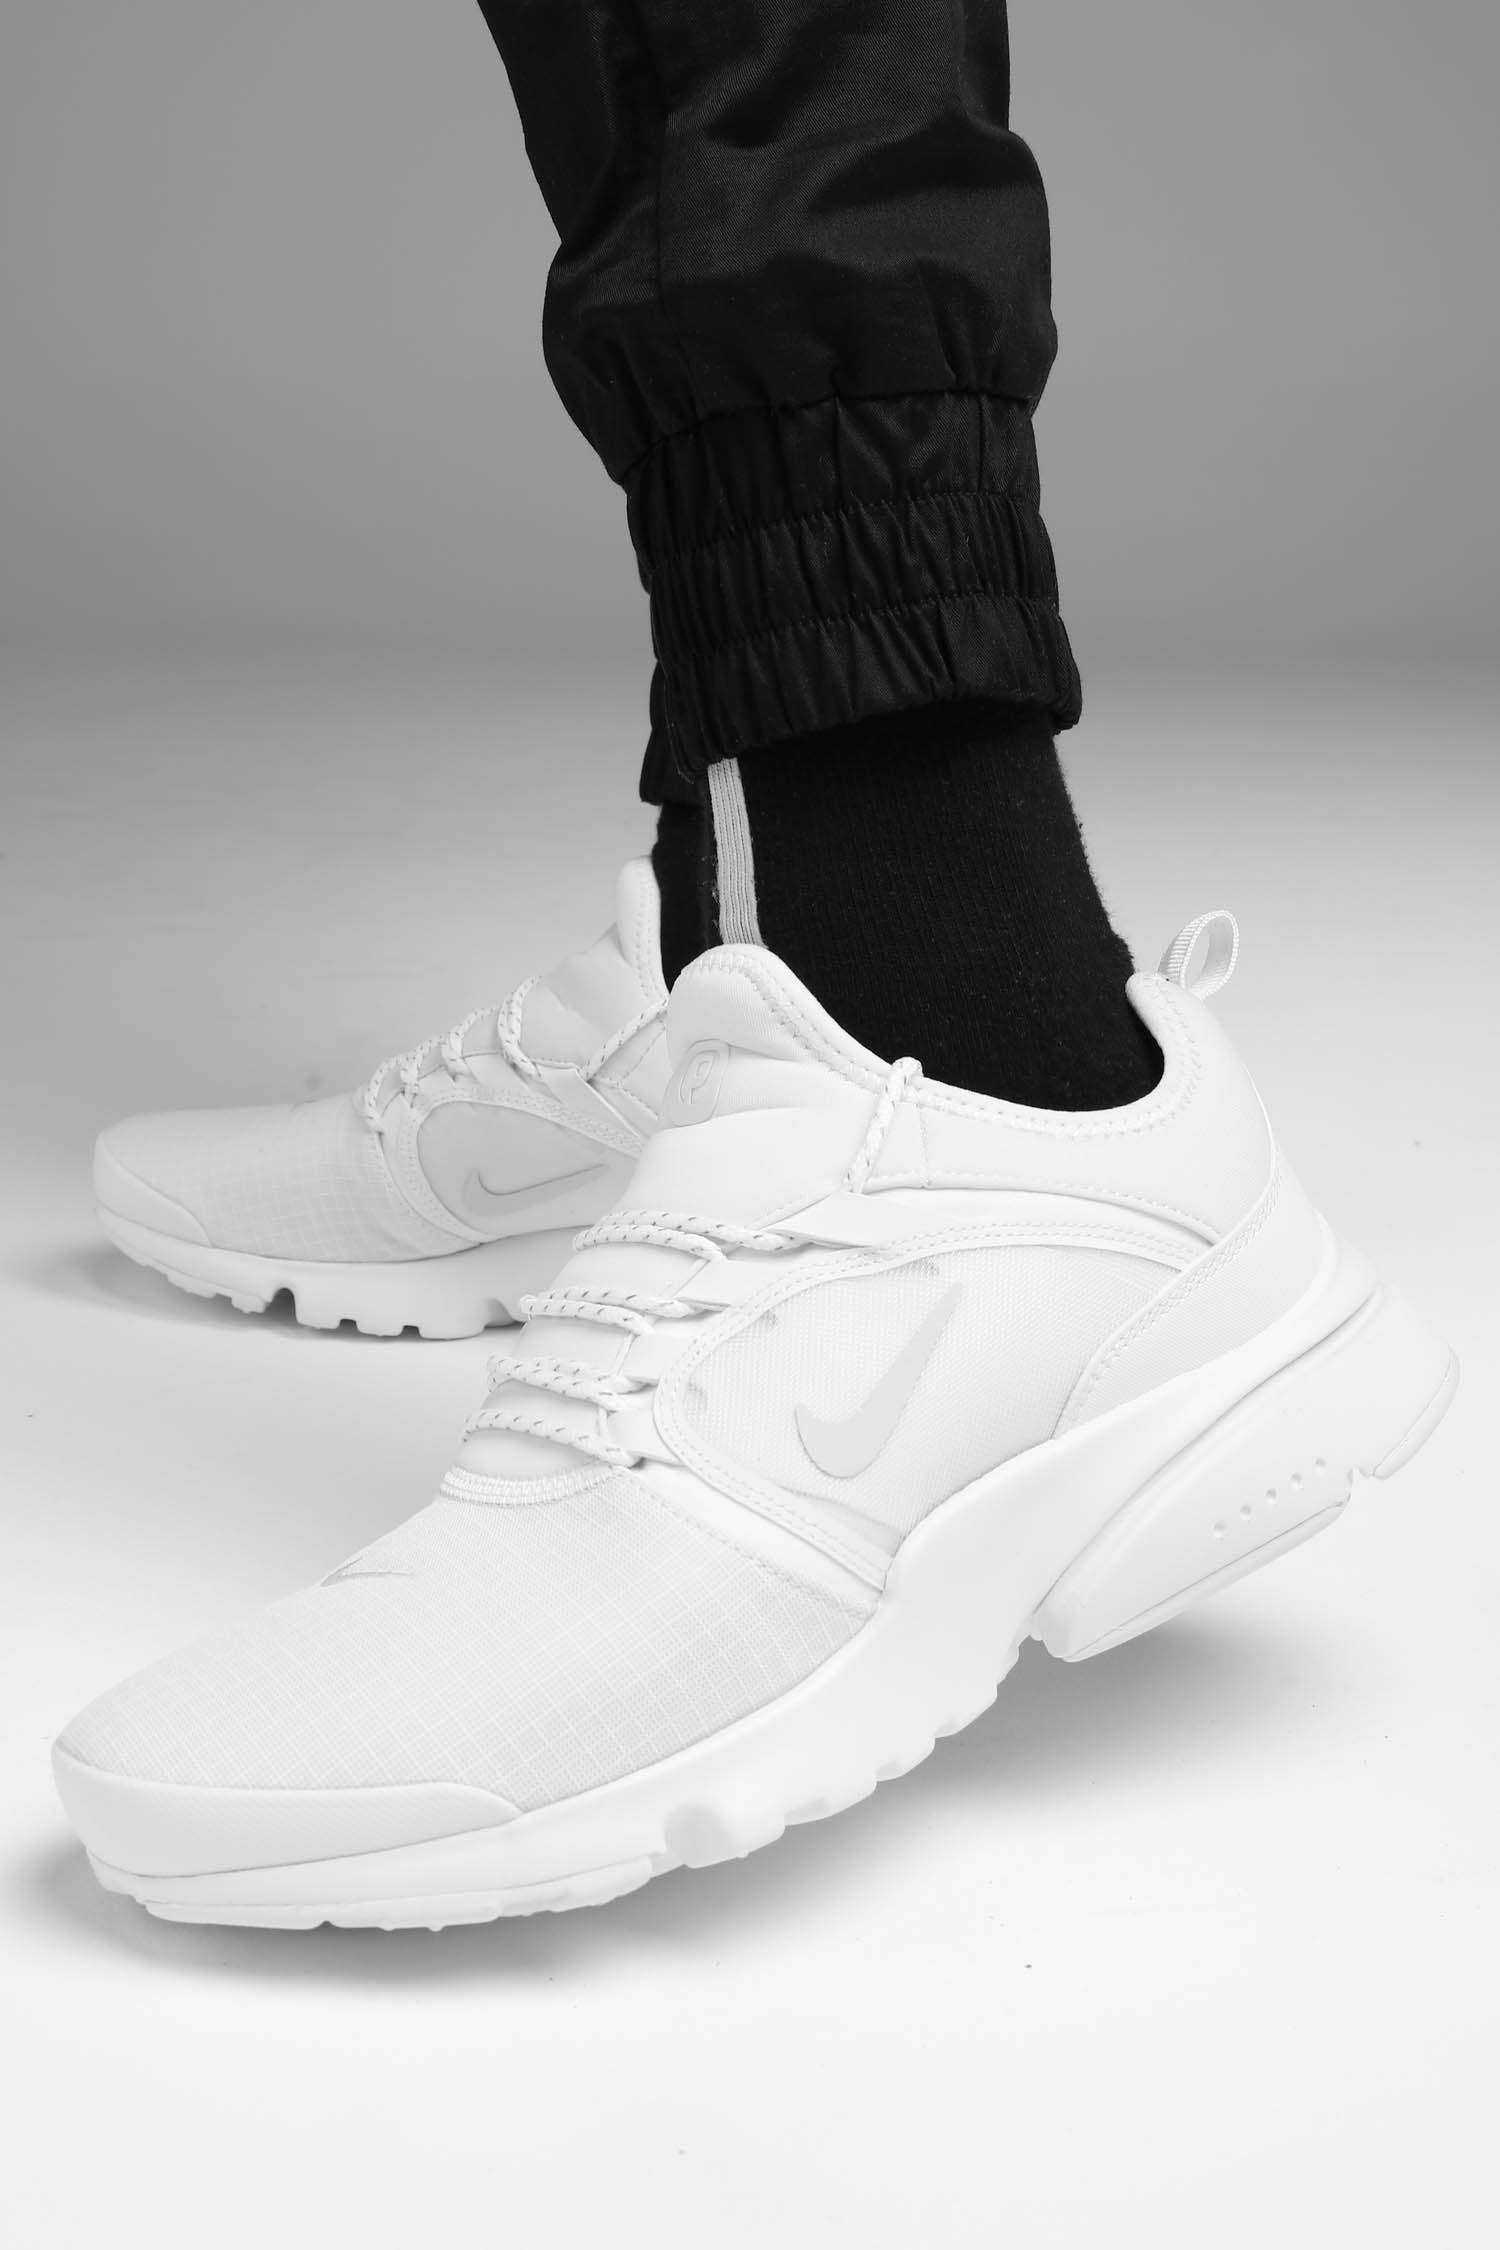 Nike Presto Fly World White/Platinum